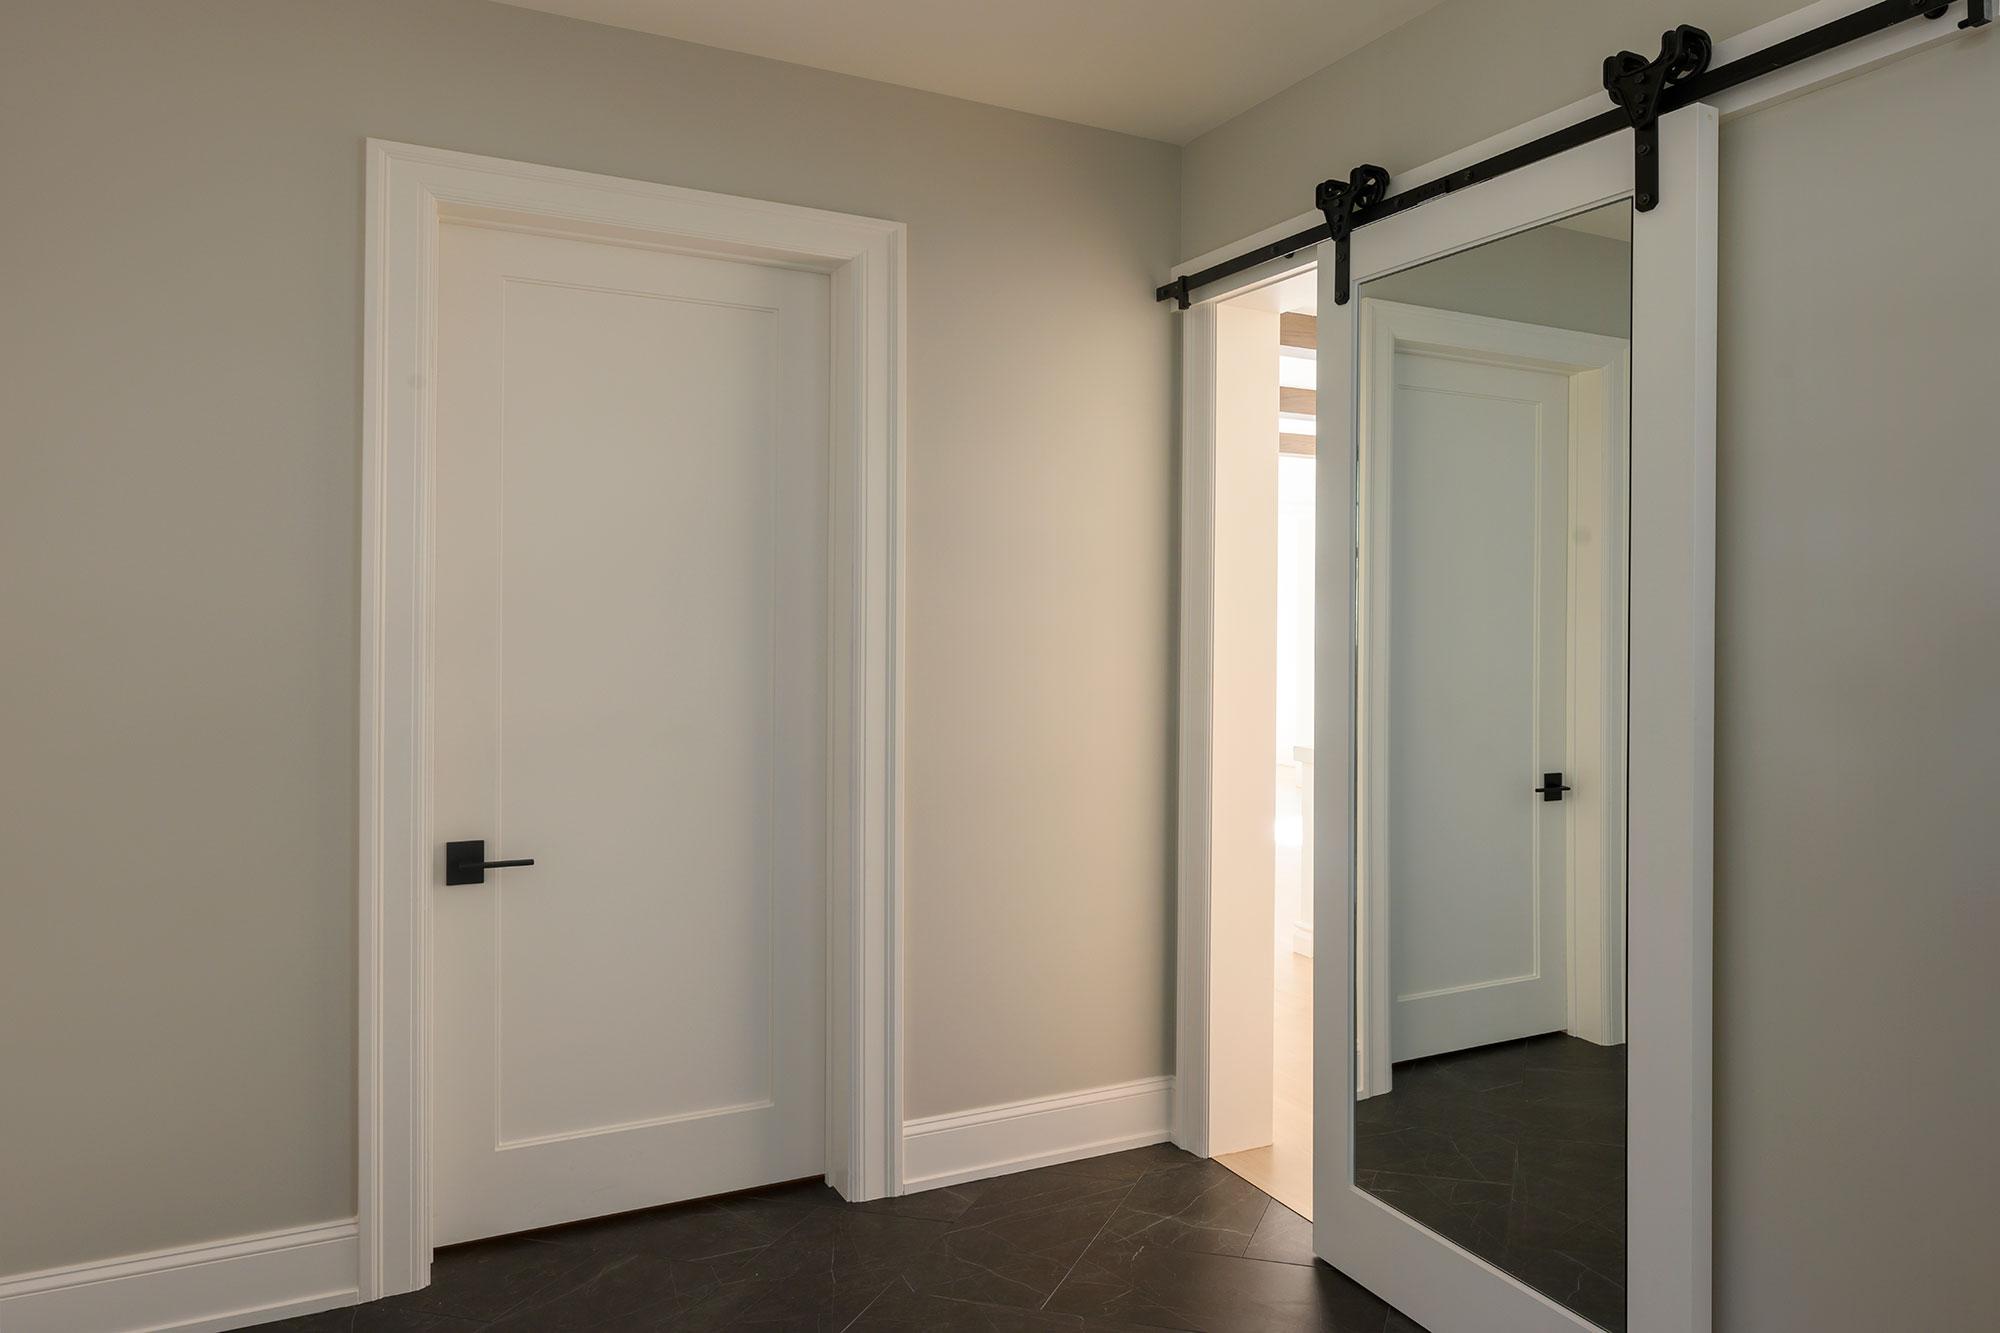 Custom Wood Interior Doors | barn door  - Glenview Doors - Custom Doors in Chicago